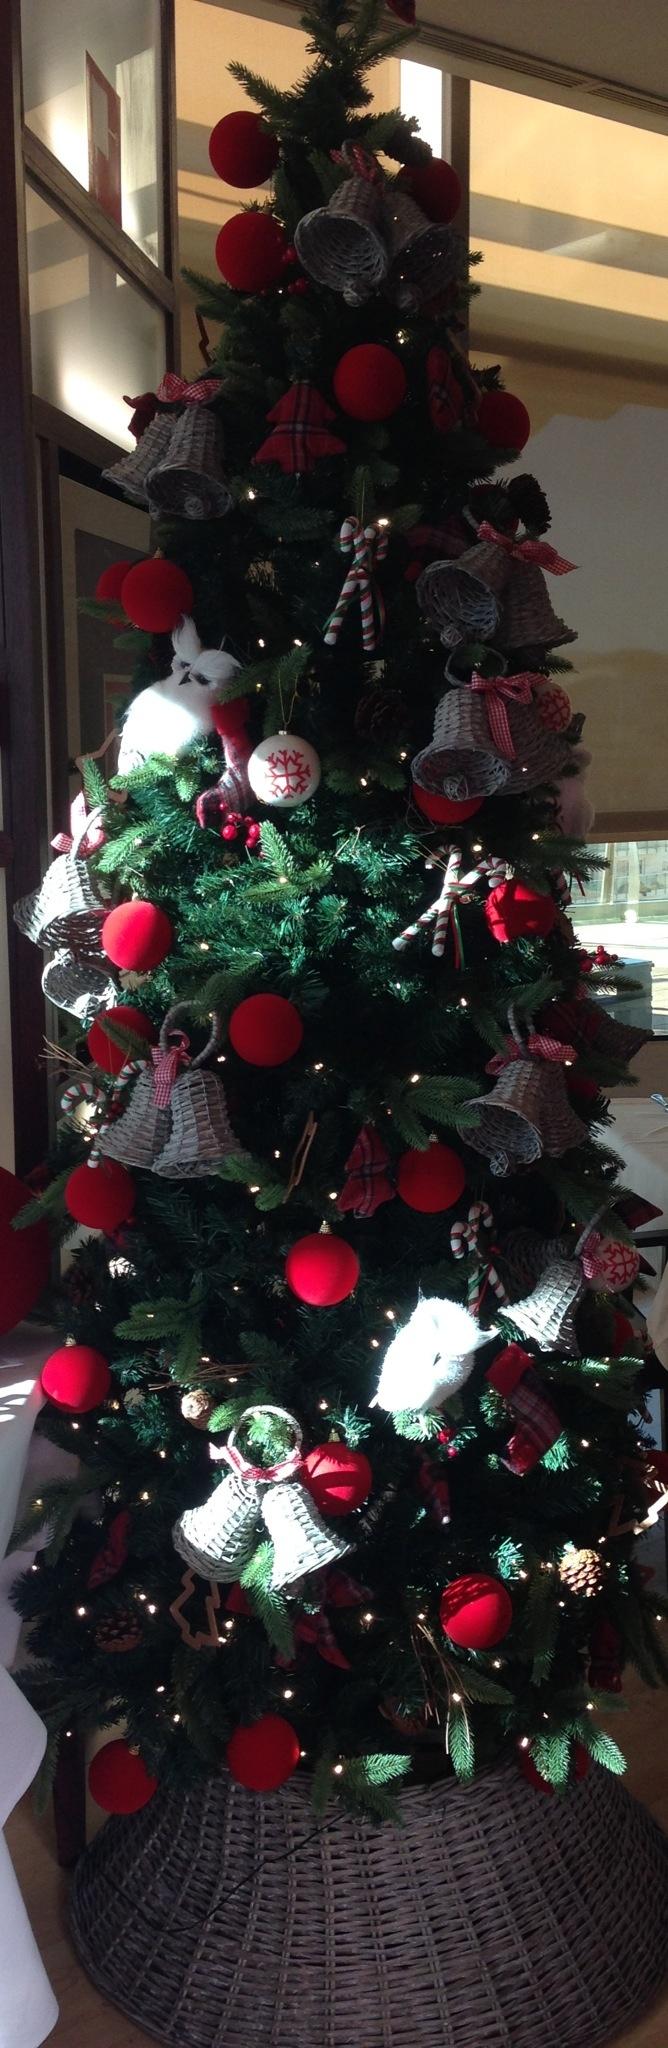 Precioso árbol de Navidad!